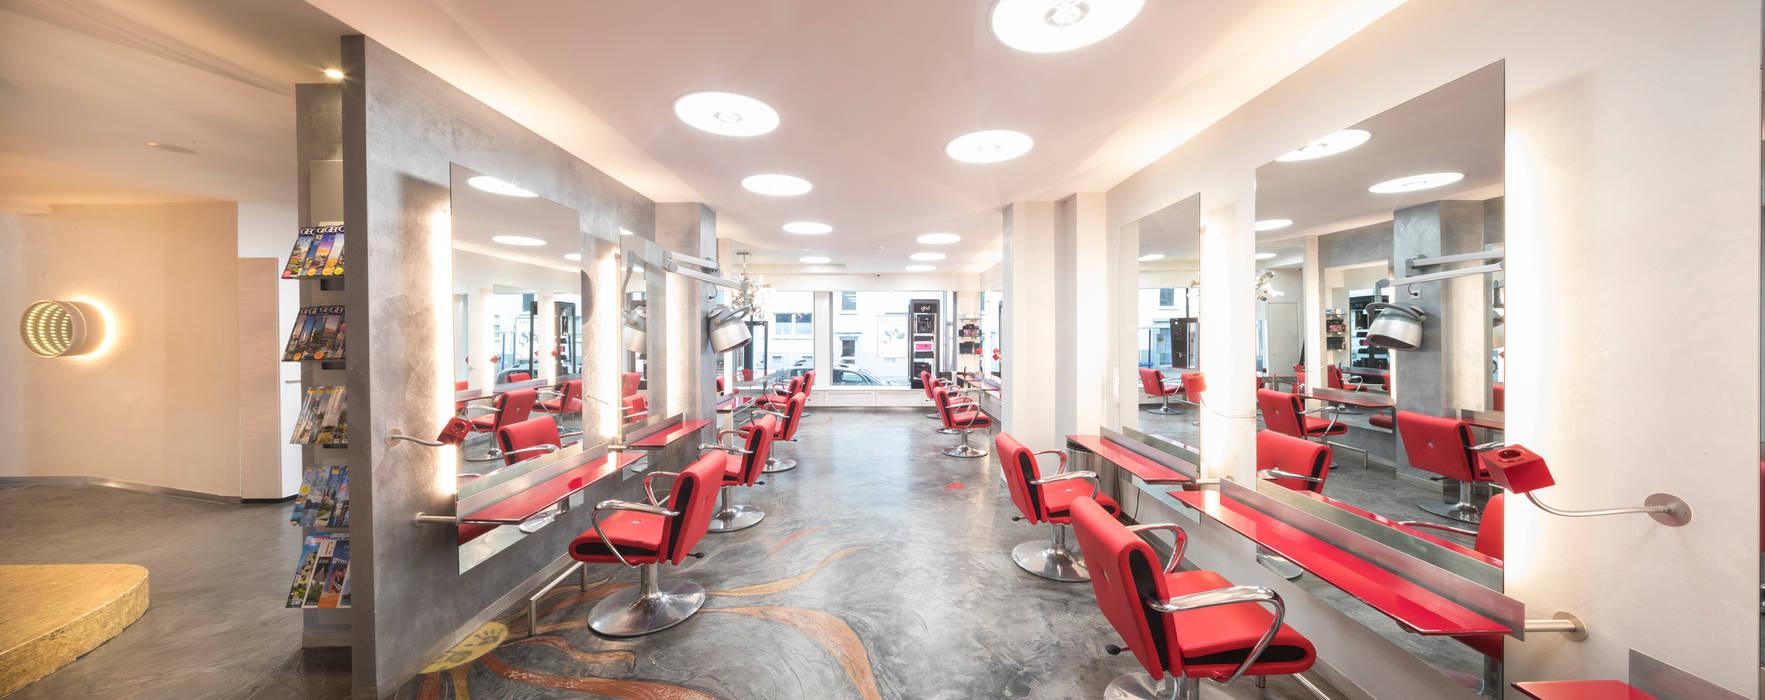 Lichtplanung für Ihre Geschäftsräume: Friseur Salon Morante in Essen:  Ladenflächen von Moreno Licht mit Effekt - Lichtplaner,Ausgefallen Aluminium/Zink